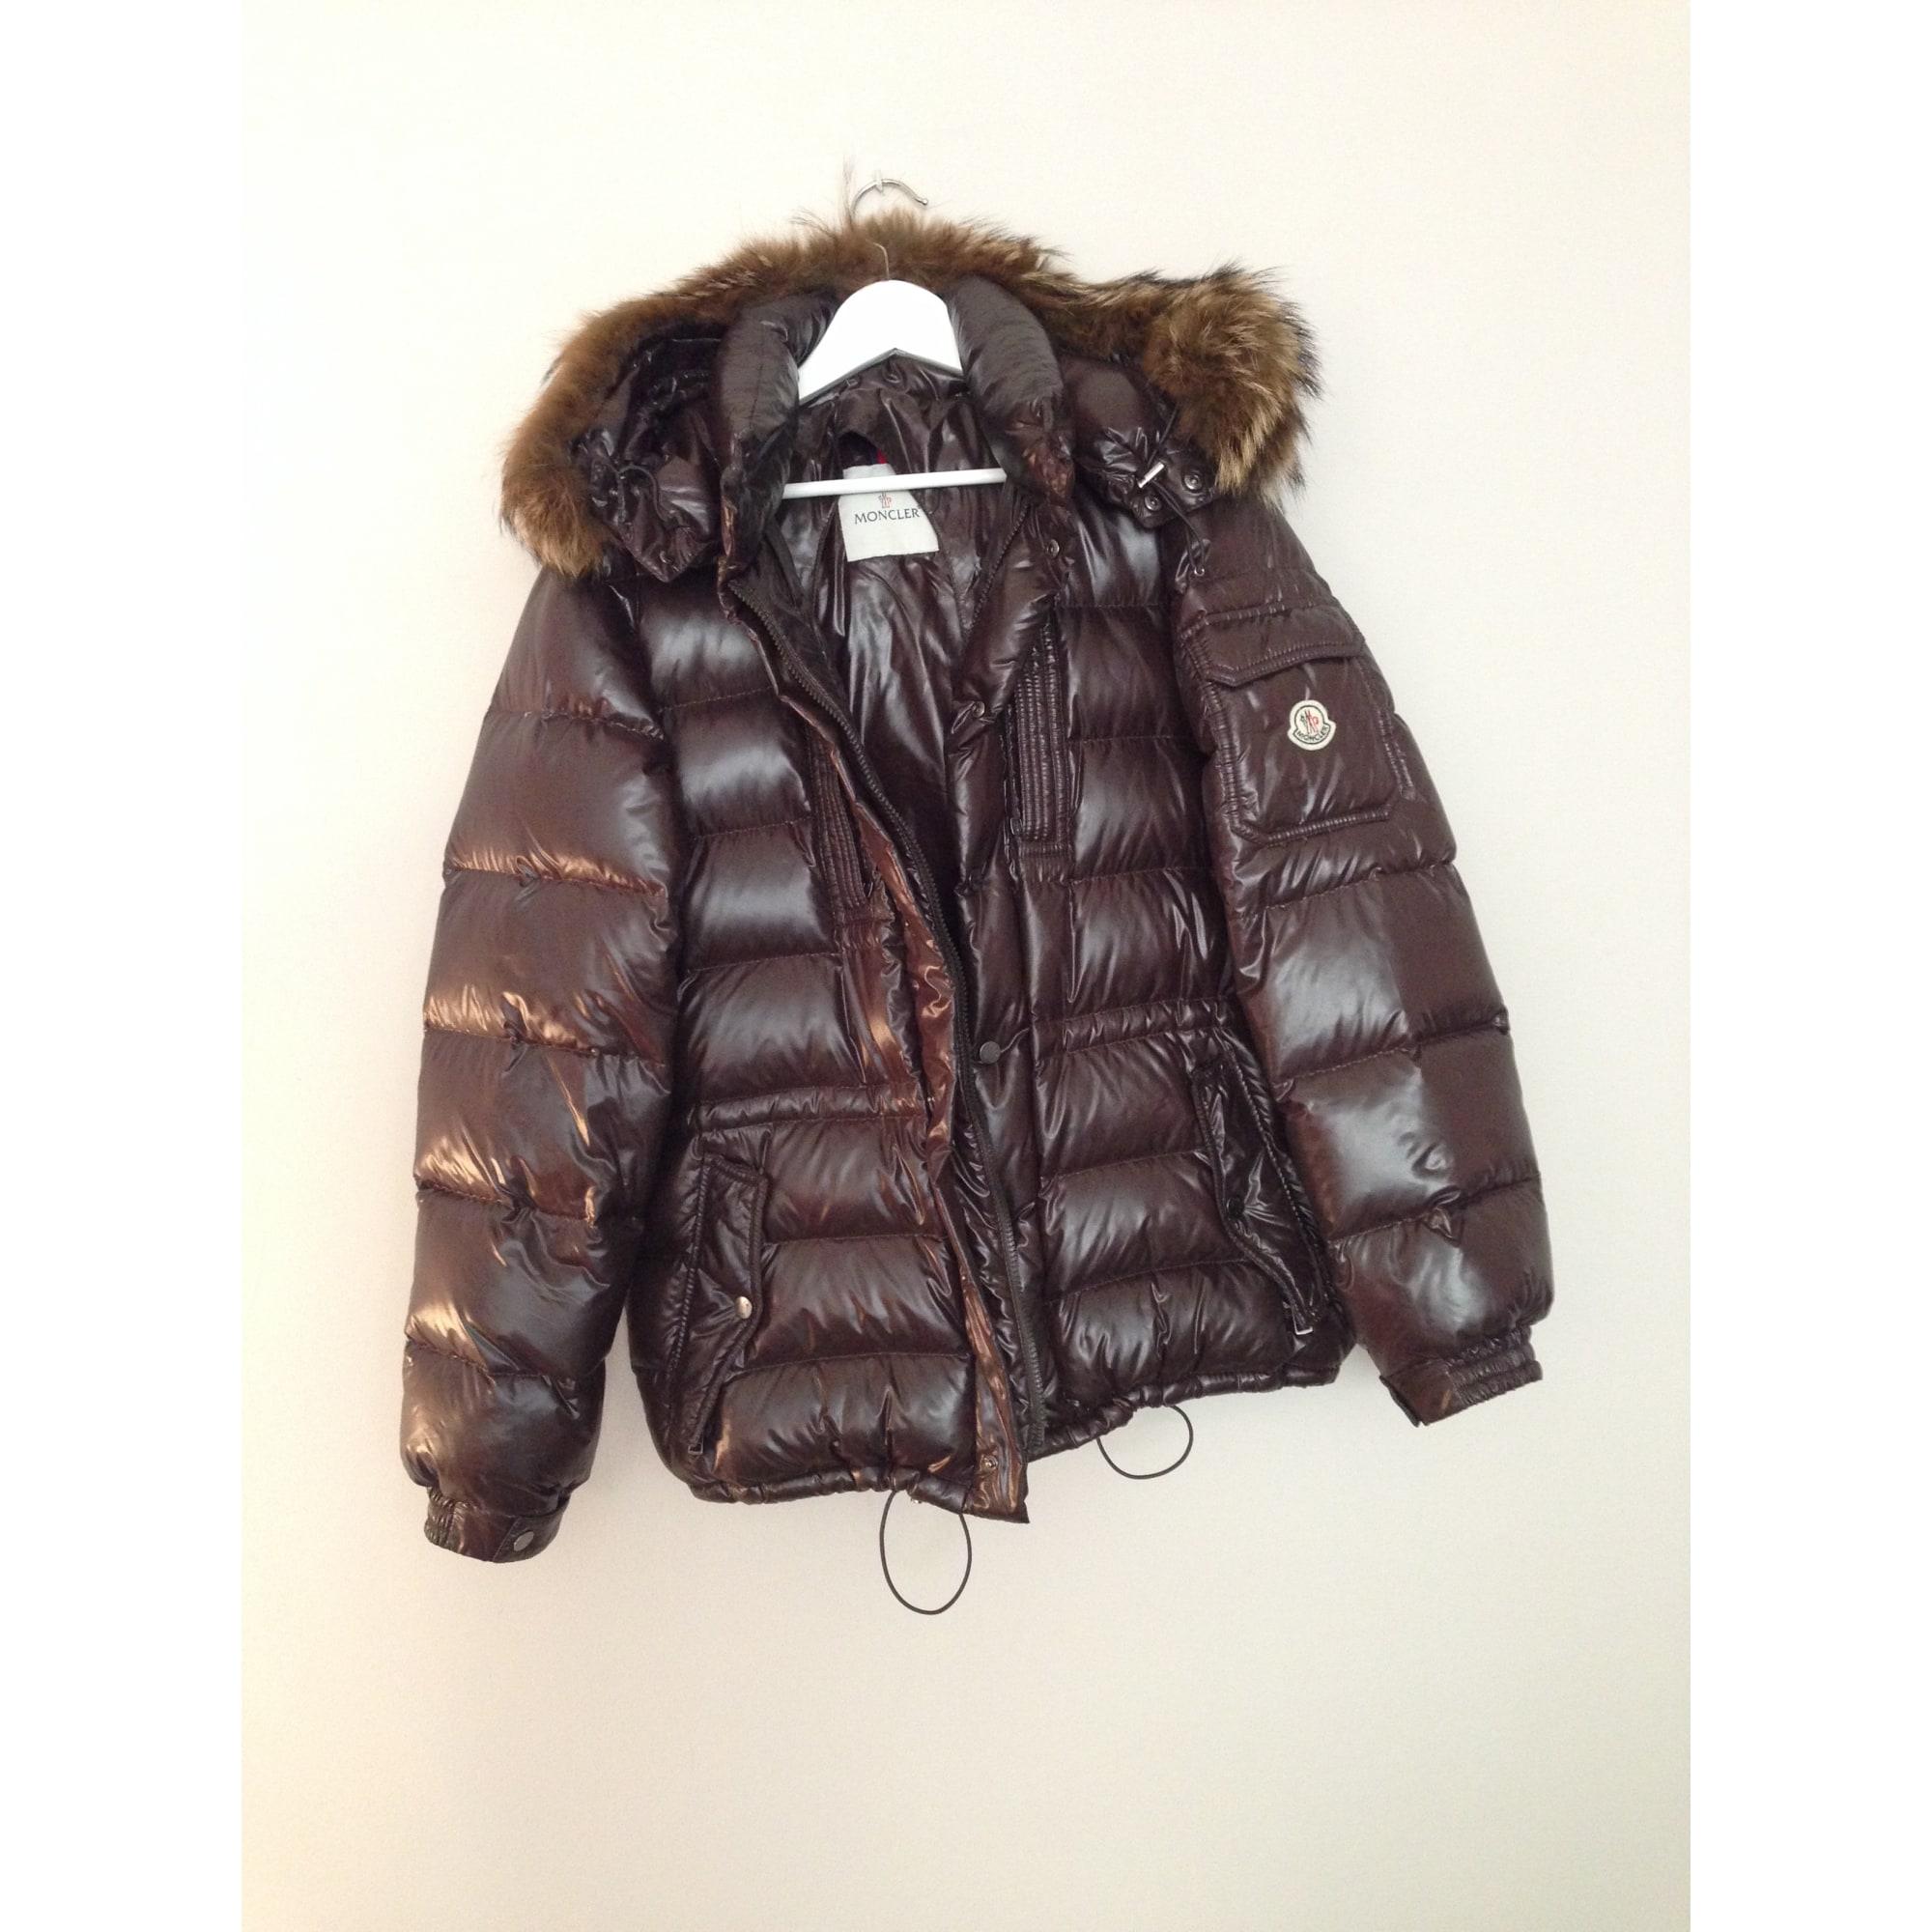 Doudoune MONCLER 48 (M) marron vendu par Shopname508425 - 1723138 34708e14993